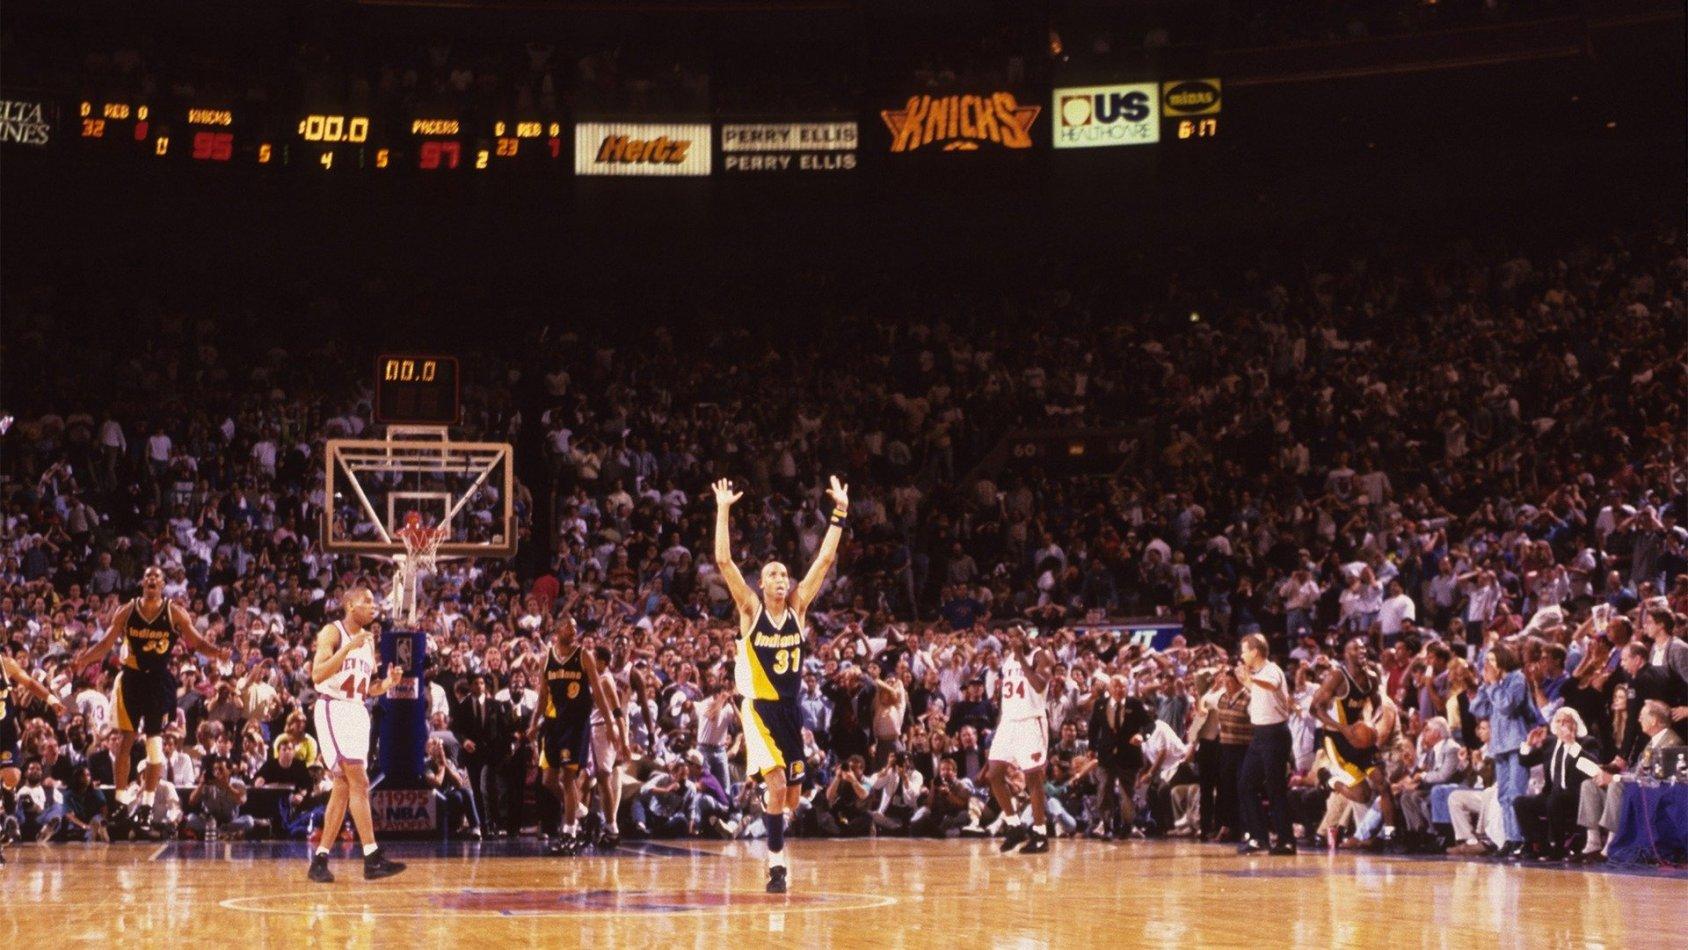 Winning Time: Reggie Miller vs New York Knicks